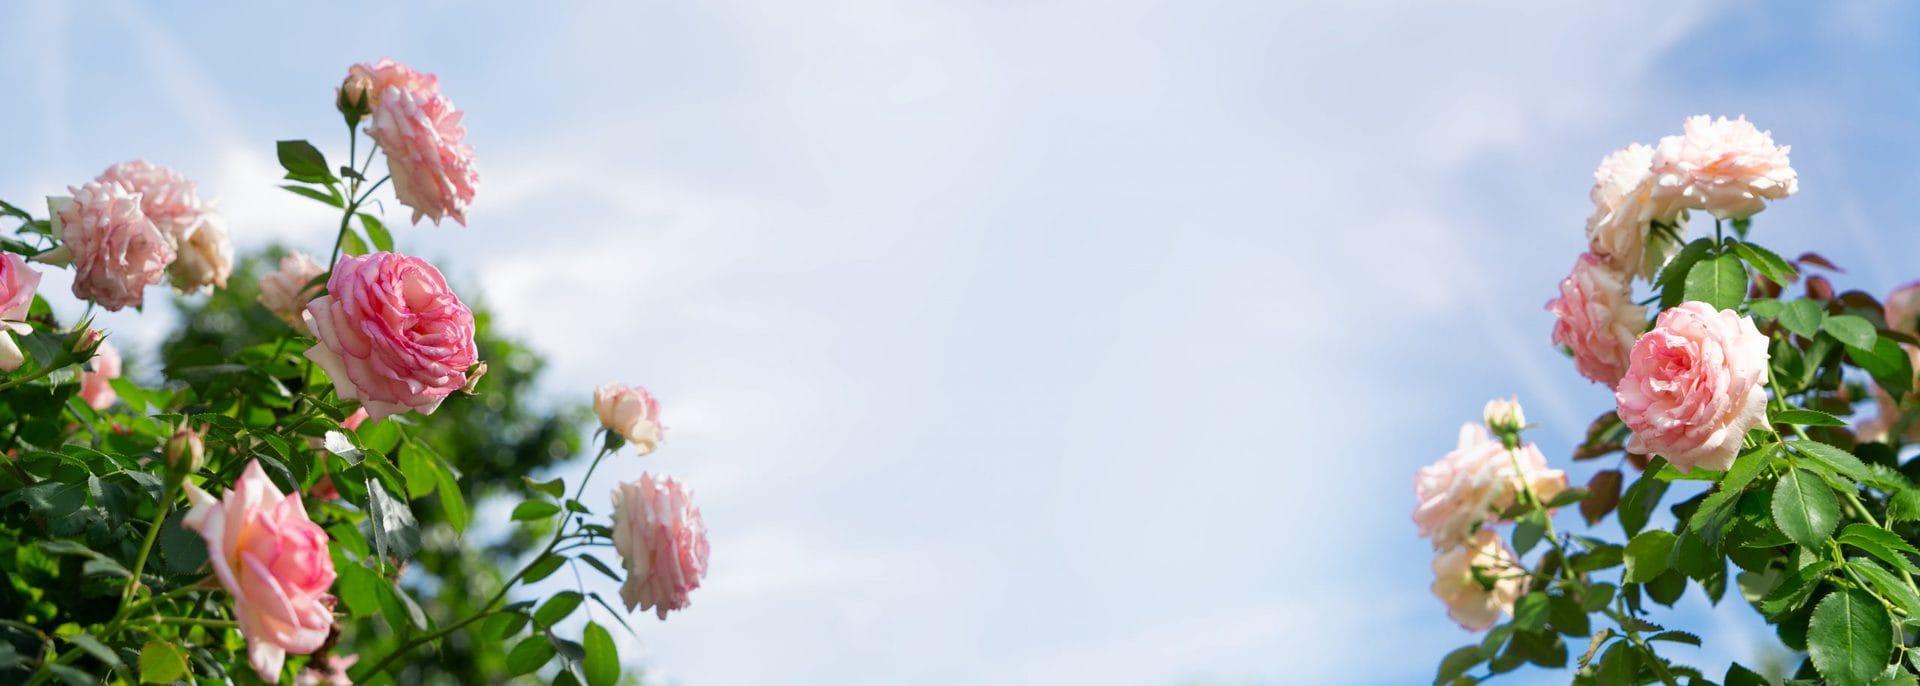 """Juni ist der Rosenmonat So behandeln Sie die """"Königin"""" der Blumen richtig"""